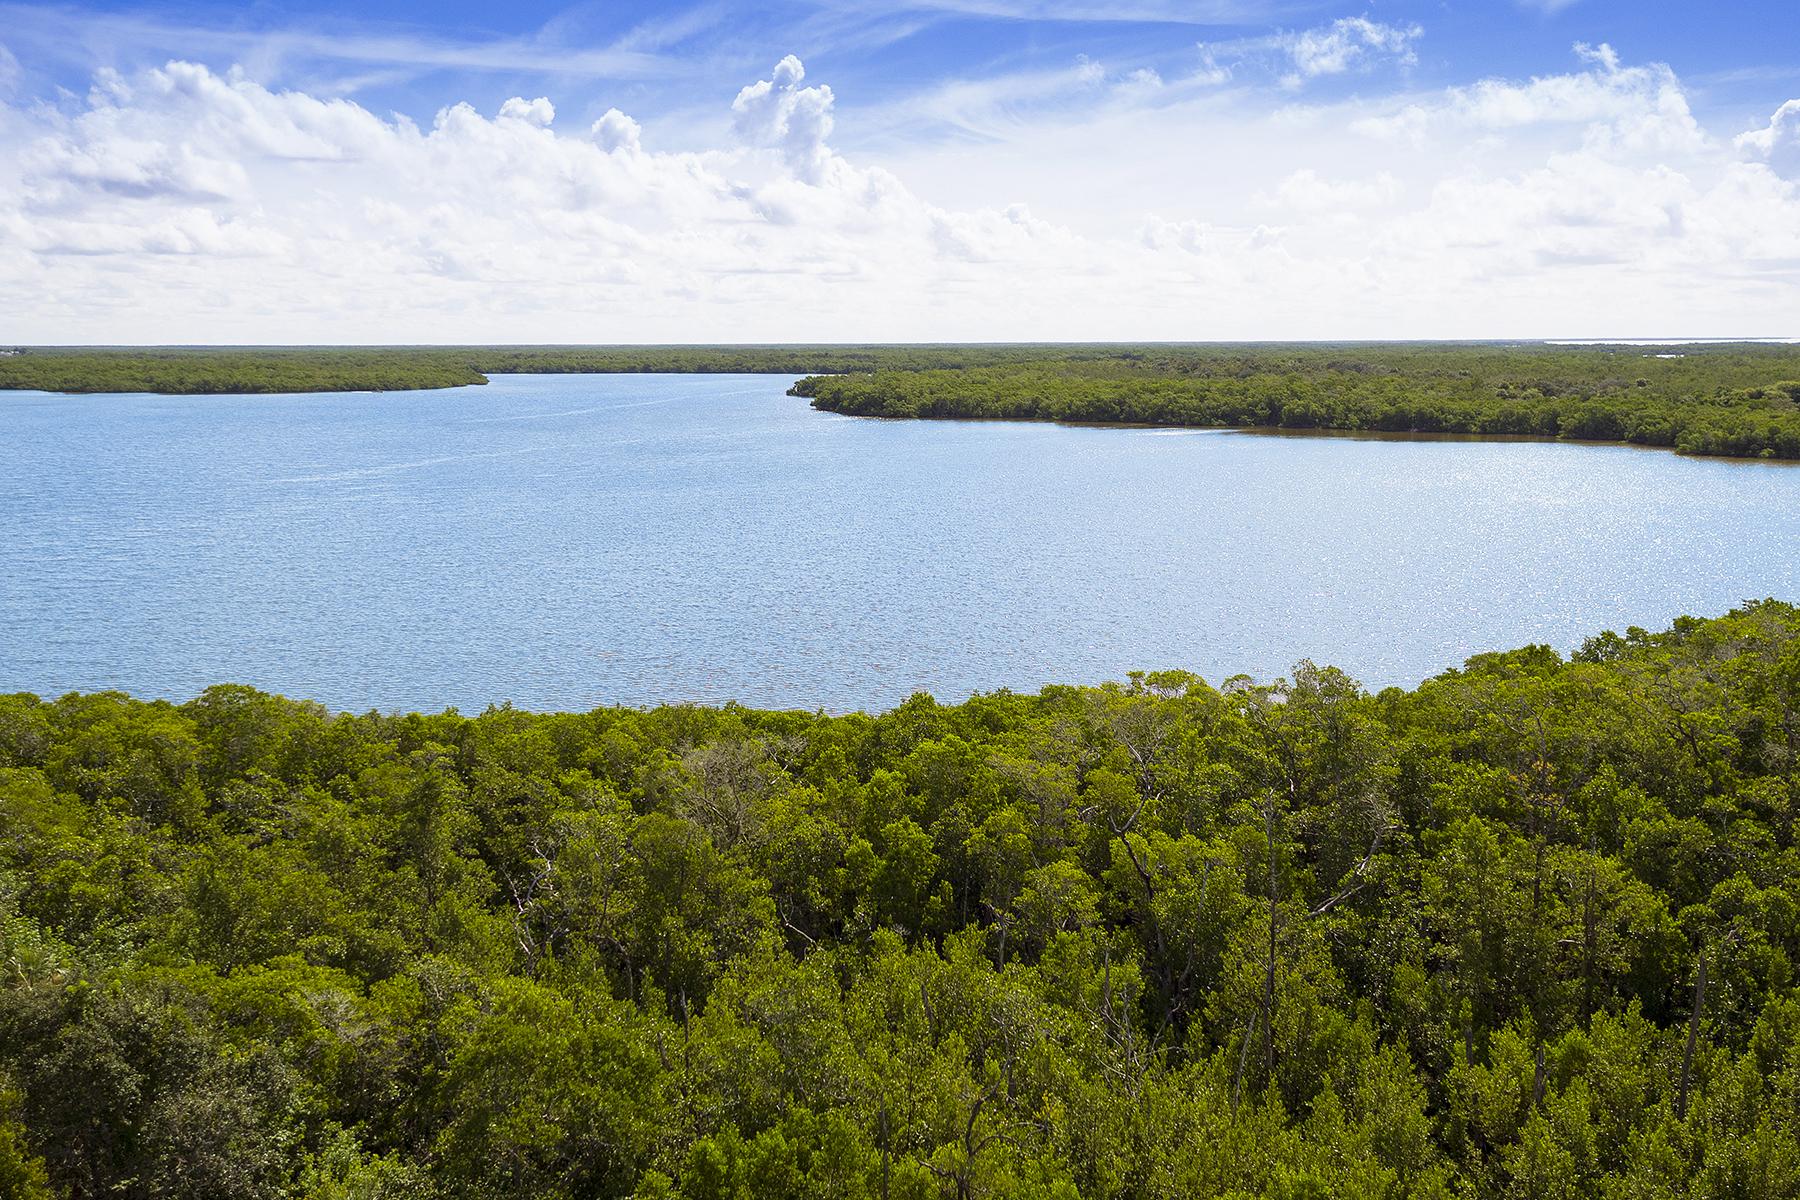 토지 용 매매 에 MARCO ISLAND - HORR'S ISLAND 900 Whiskey Creek Dr Marco Island, 플로리다, 34145 미국